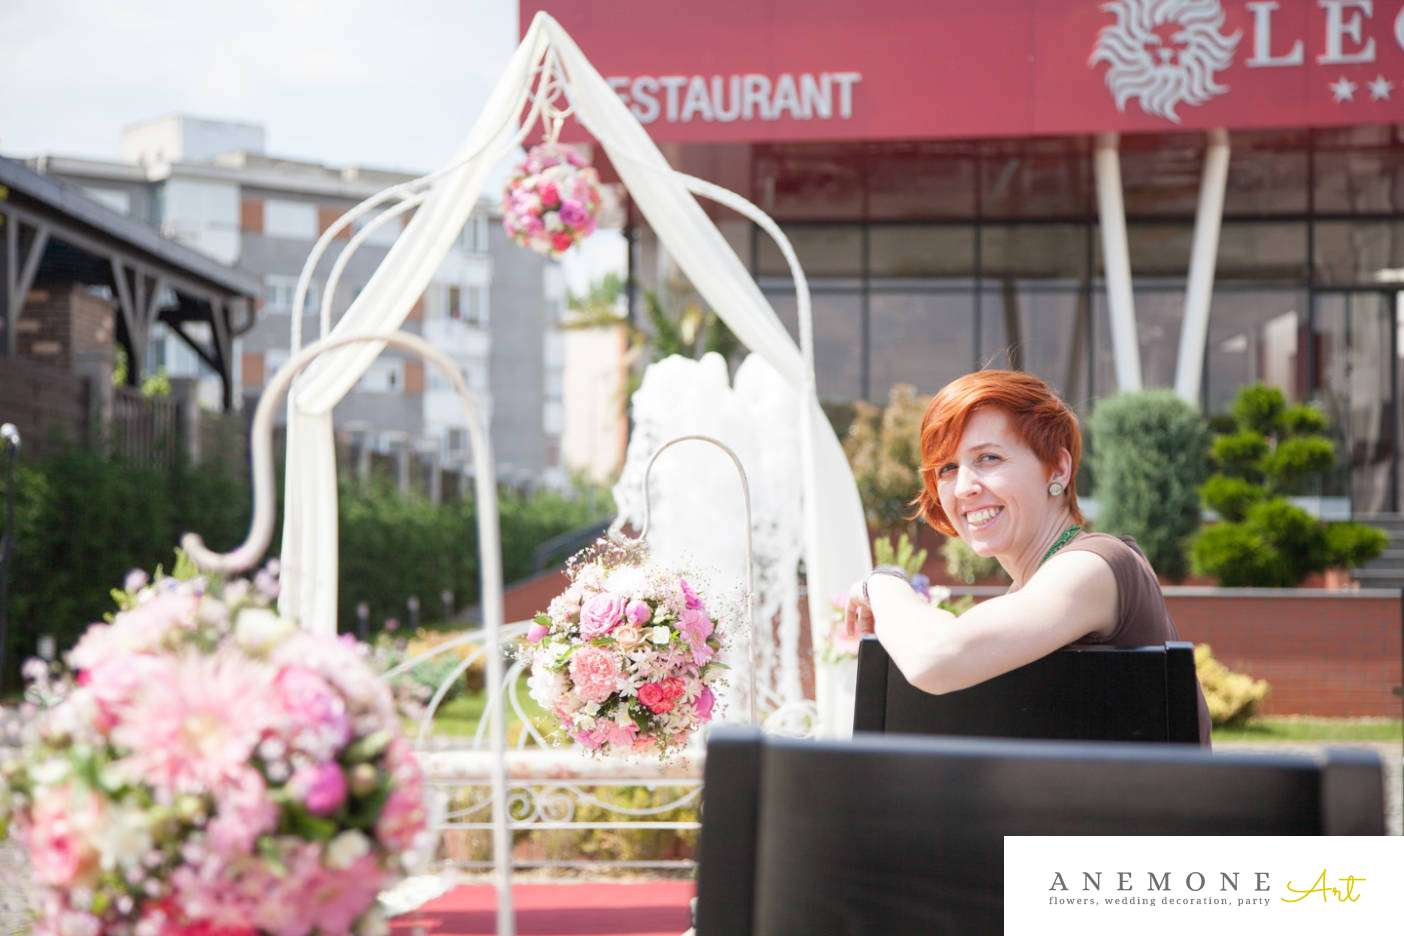 Poza, foto cu Flori de nunta arcada, decor biserica in Arad, Timisoara, Oradea (wedding flowers, bouquets) nunta Arad, Timisoara, Oradea